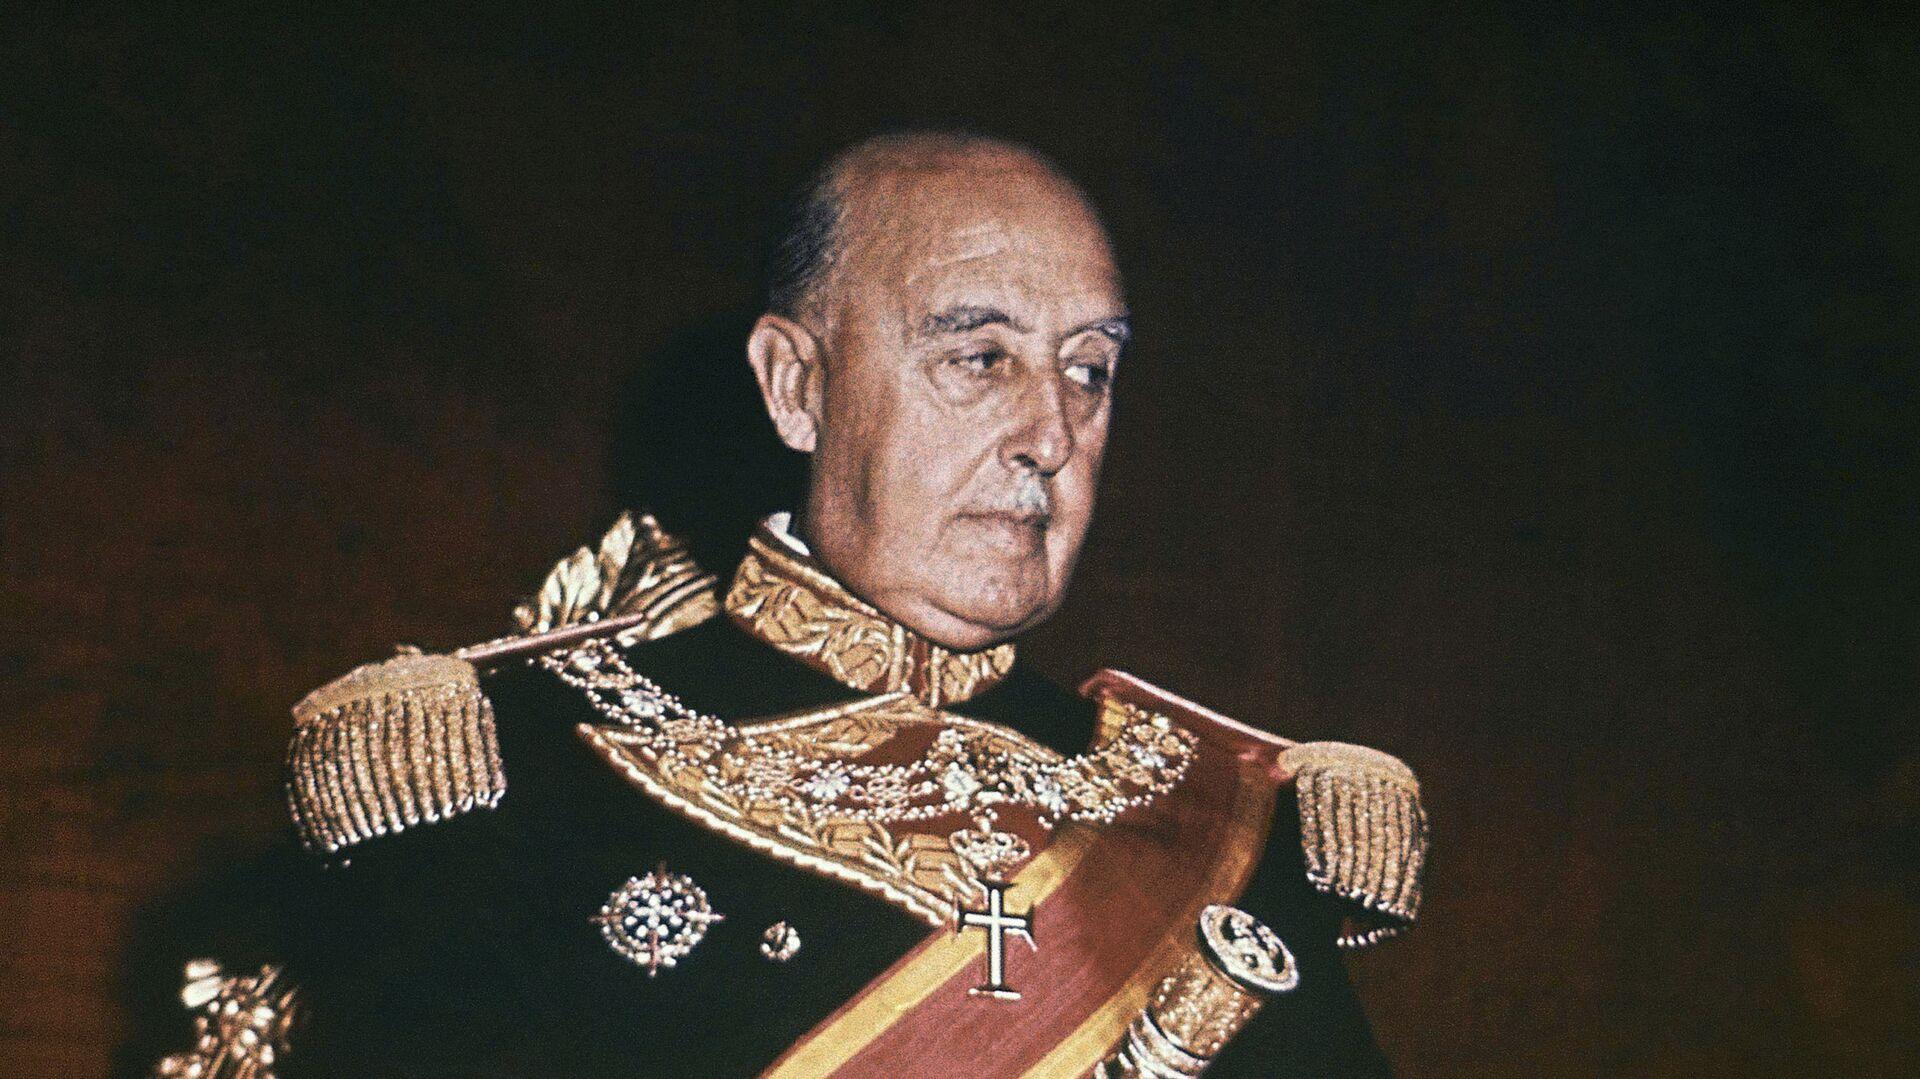 Francisco Franco, dictador español  - Sputnik Mundo, 1920, 21.09.2021